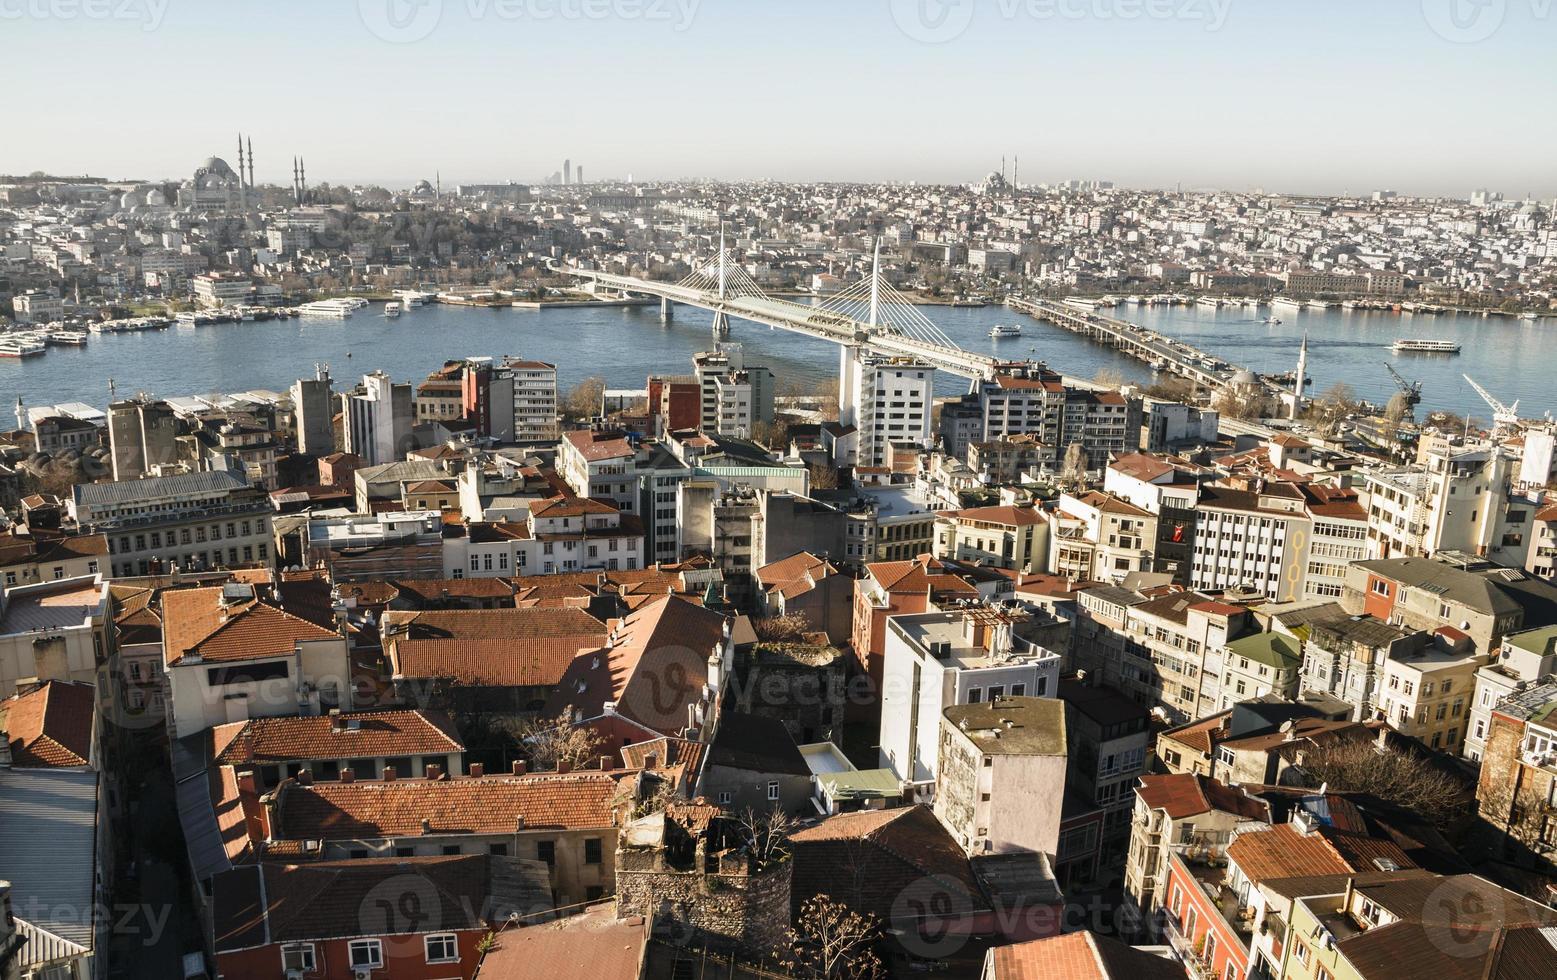 vista de la ciudad. Panorama de Estambul. foto